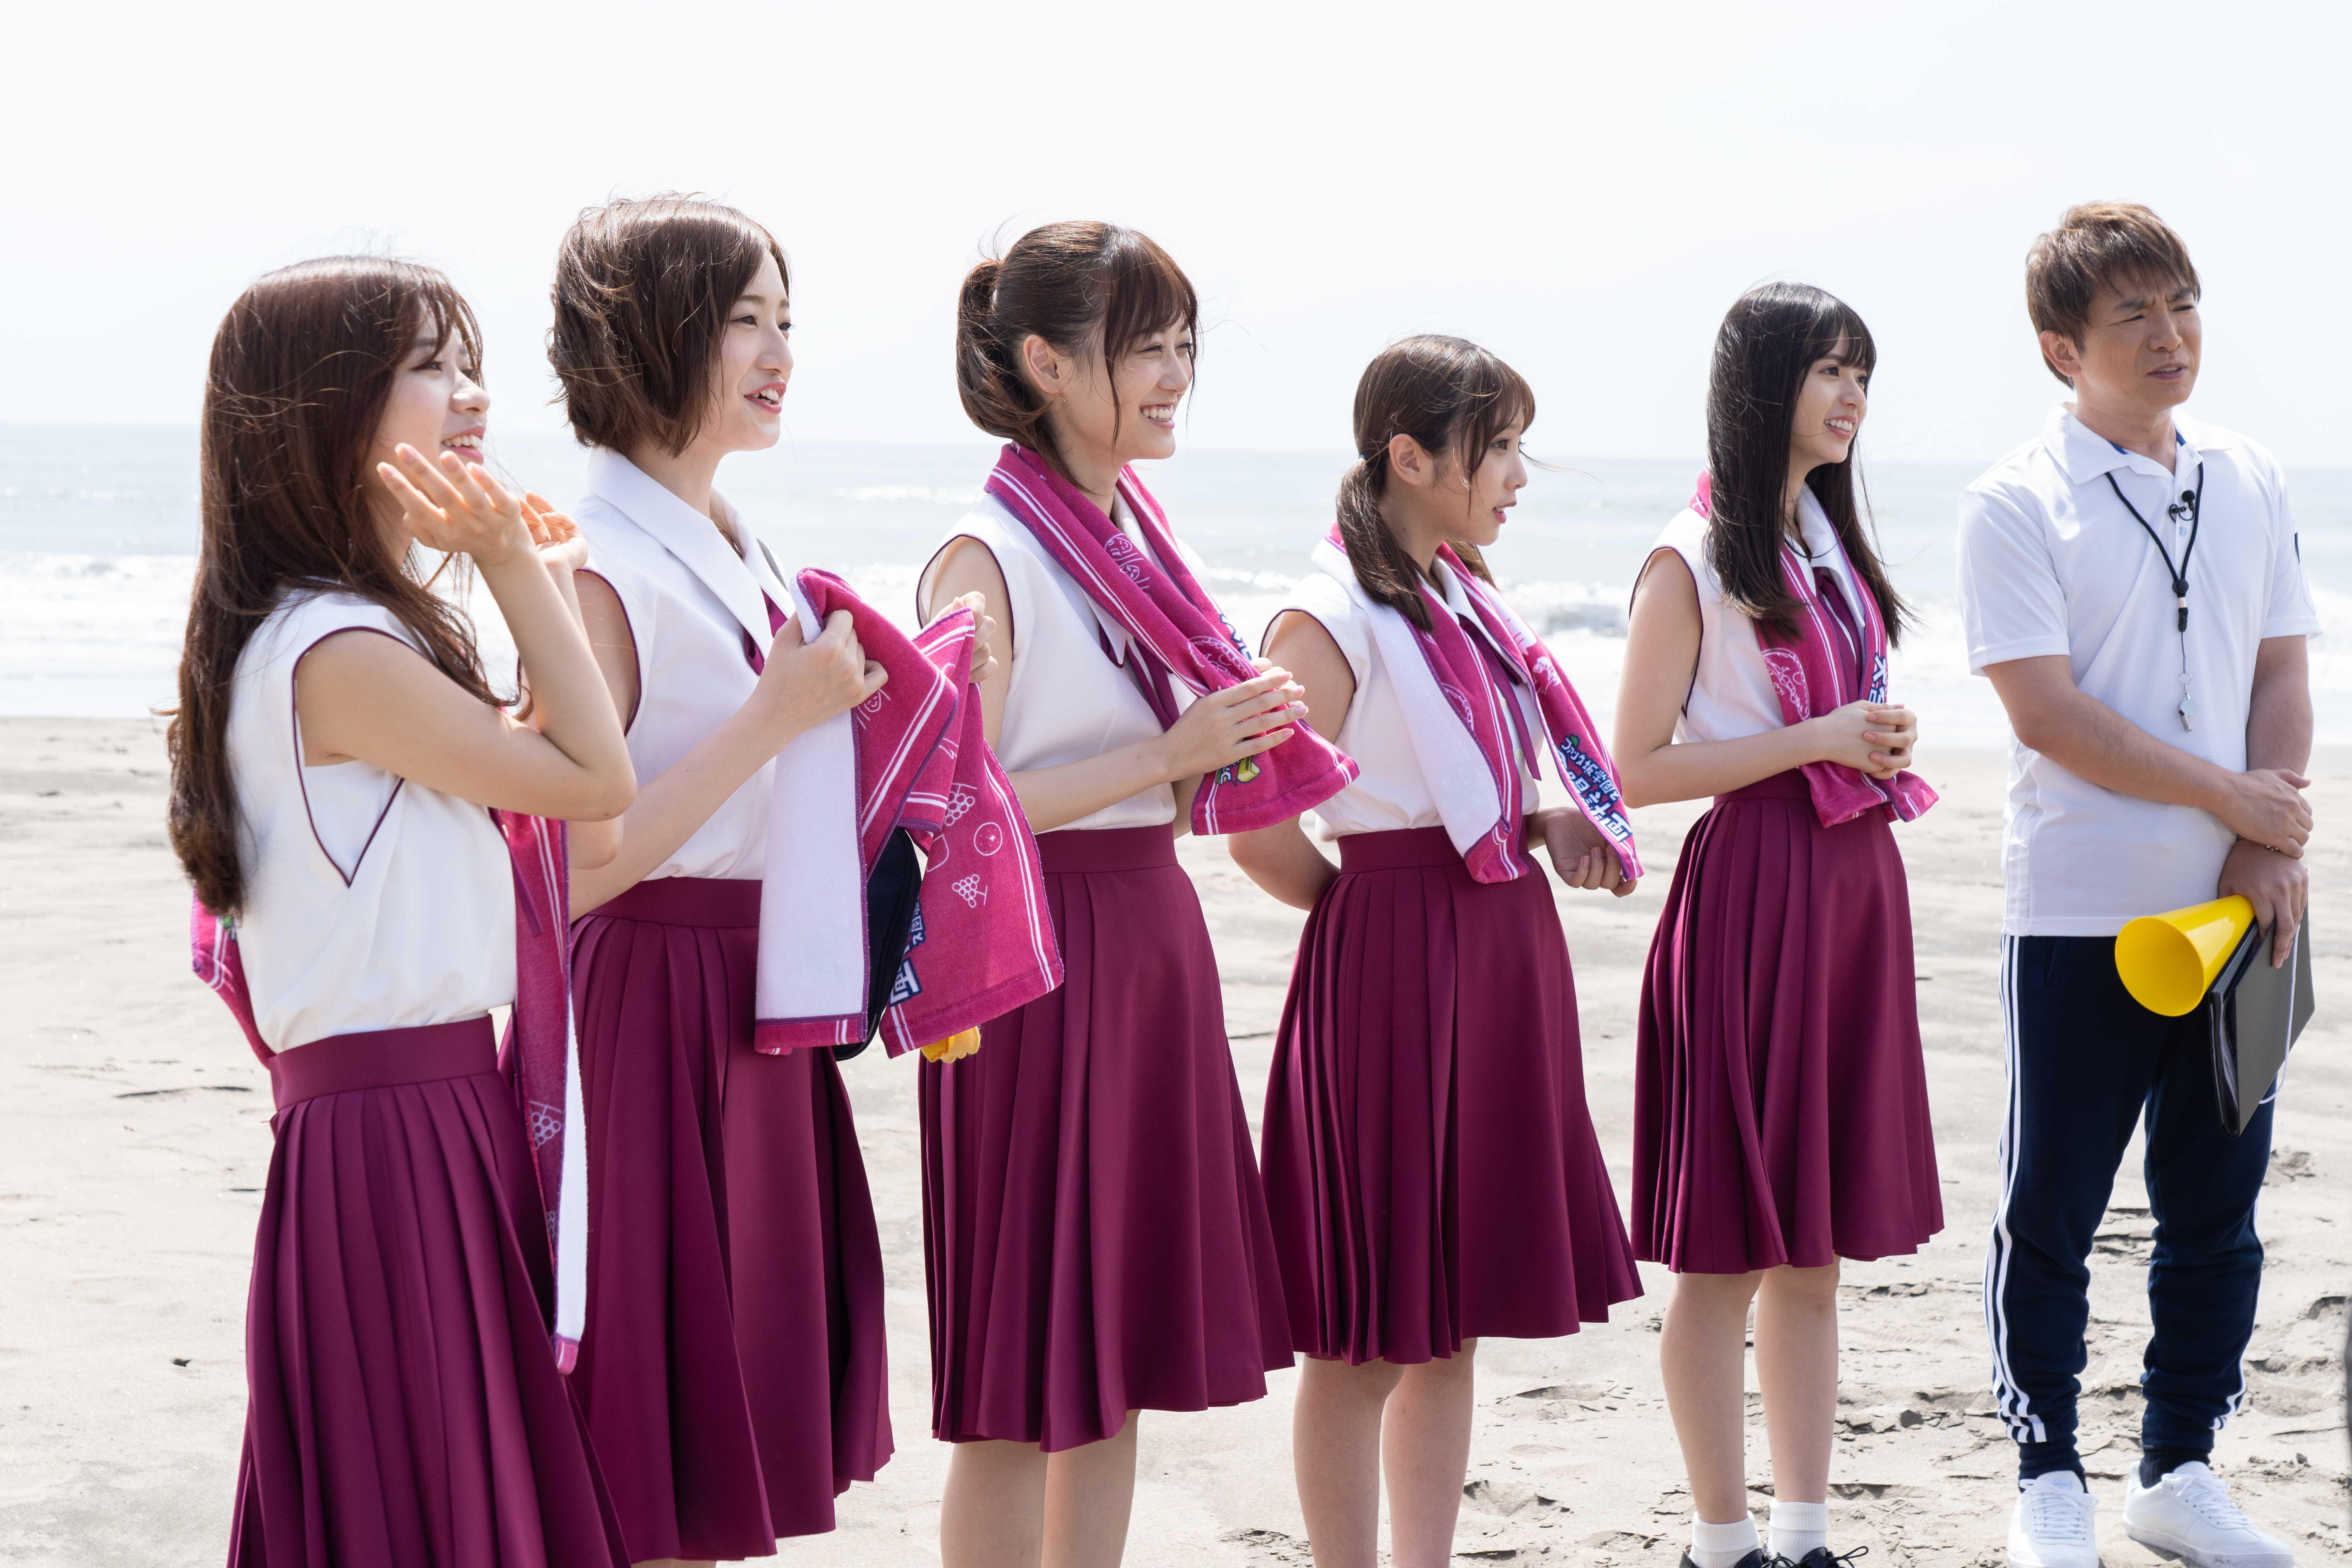 スペシャルムービーでは、海辺でひとりたたずむ齋藤飛鳥が、「ファンタ」を一口飲むと砂浜に書いたのは「ぶっちゃけ、青春っぽいことしたい」の文字。砂浜を気持ちよく歩いていると、「ファンタ坂学園」のメンバーが徐々に齋藤さんのもとに集まってくる。「ファンタ坂学園」のメンバーが歌と踊りを始めると、学生たちは次々とここに駆け寄り、やがてそれは大きな一団に。そして最後には「ファンタ坂学園」のメンバーが立つ櫓を囲むように全員が集まり「Sing Out!」を大合唱し、大団円を迎える。